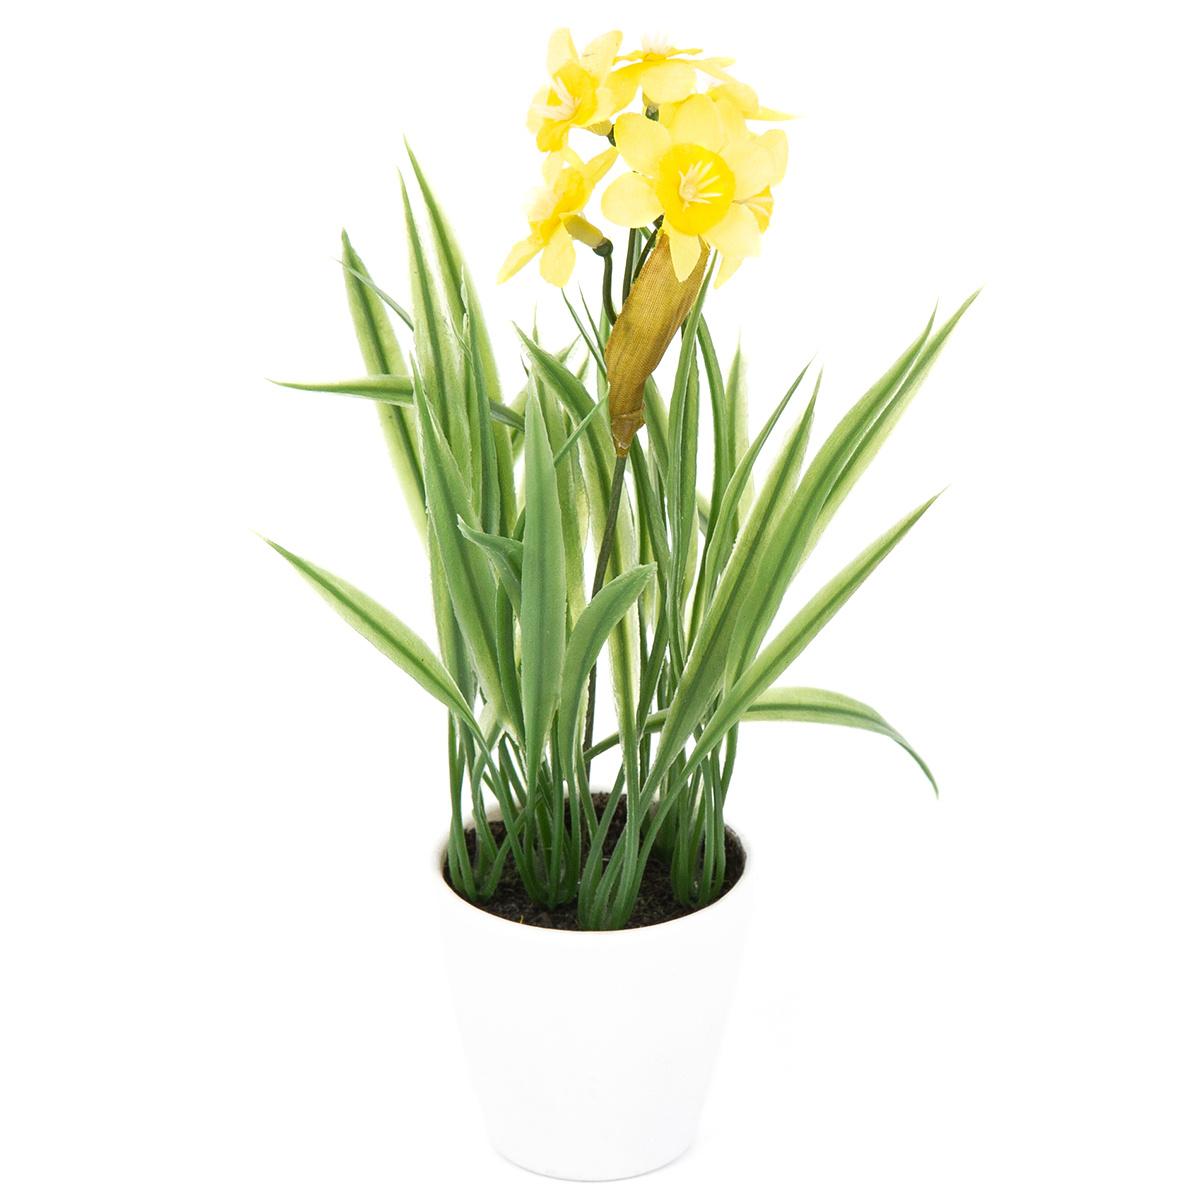 Umělá květina Narcis v květináči žlutá, 22 cm